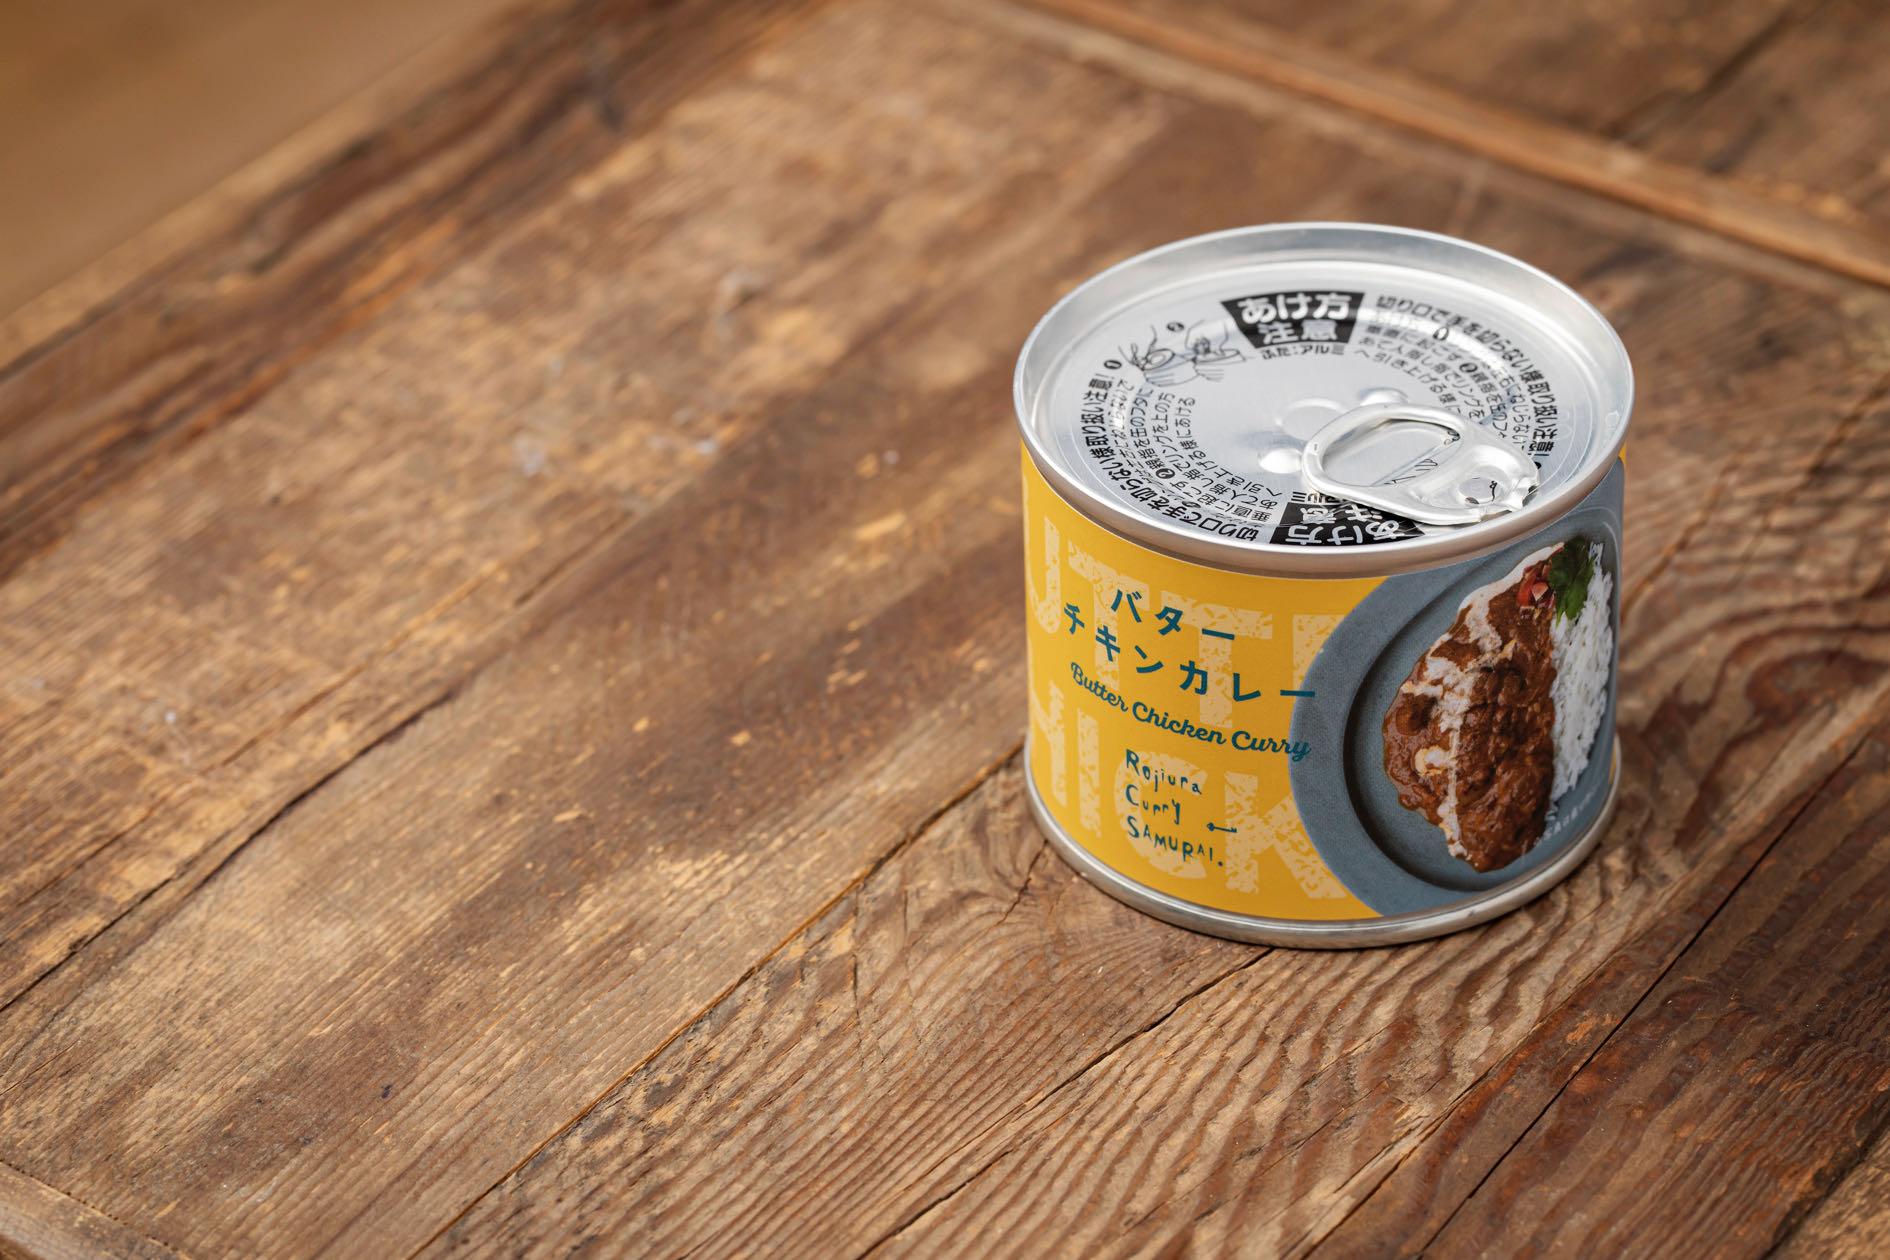 スープカリィ侍のレトルト商品「バターチキンカレー缶詰」